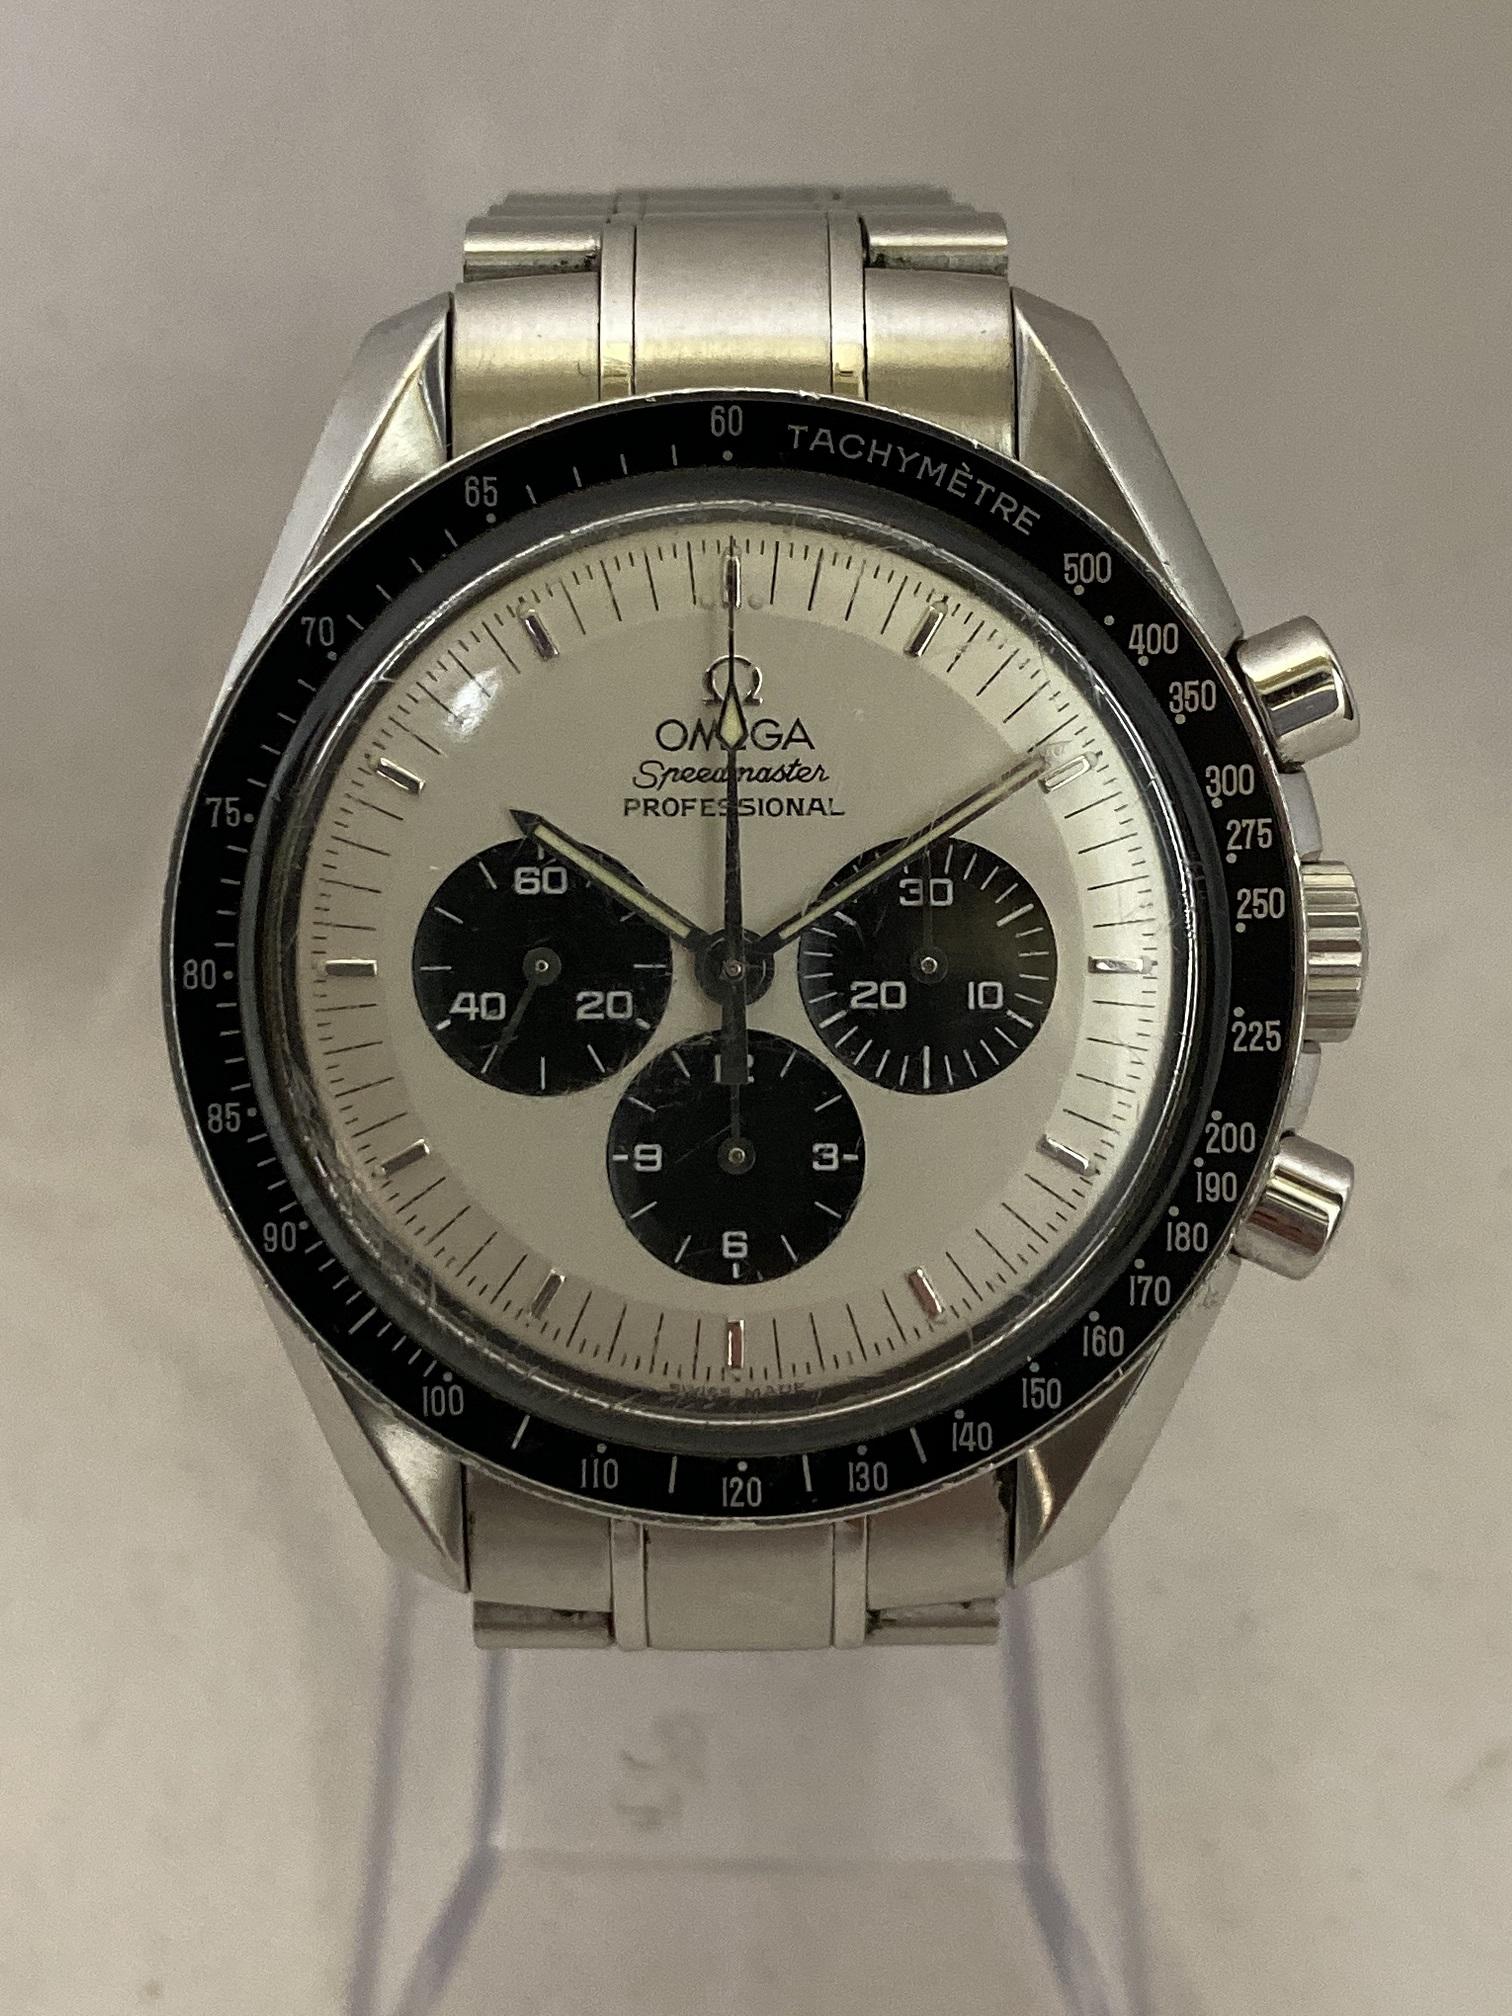 ブランド「オメガ」商品名「スピードマスター三越限定」型番「ST145.0022/3570.31」カラー「ホワイト」